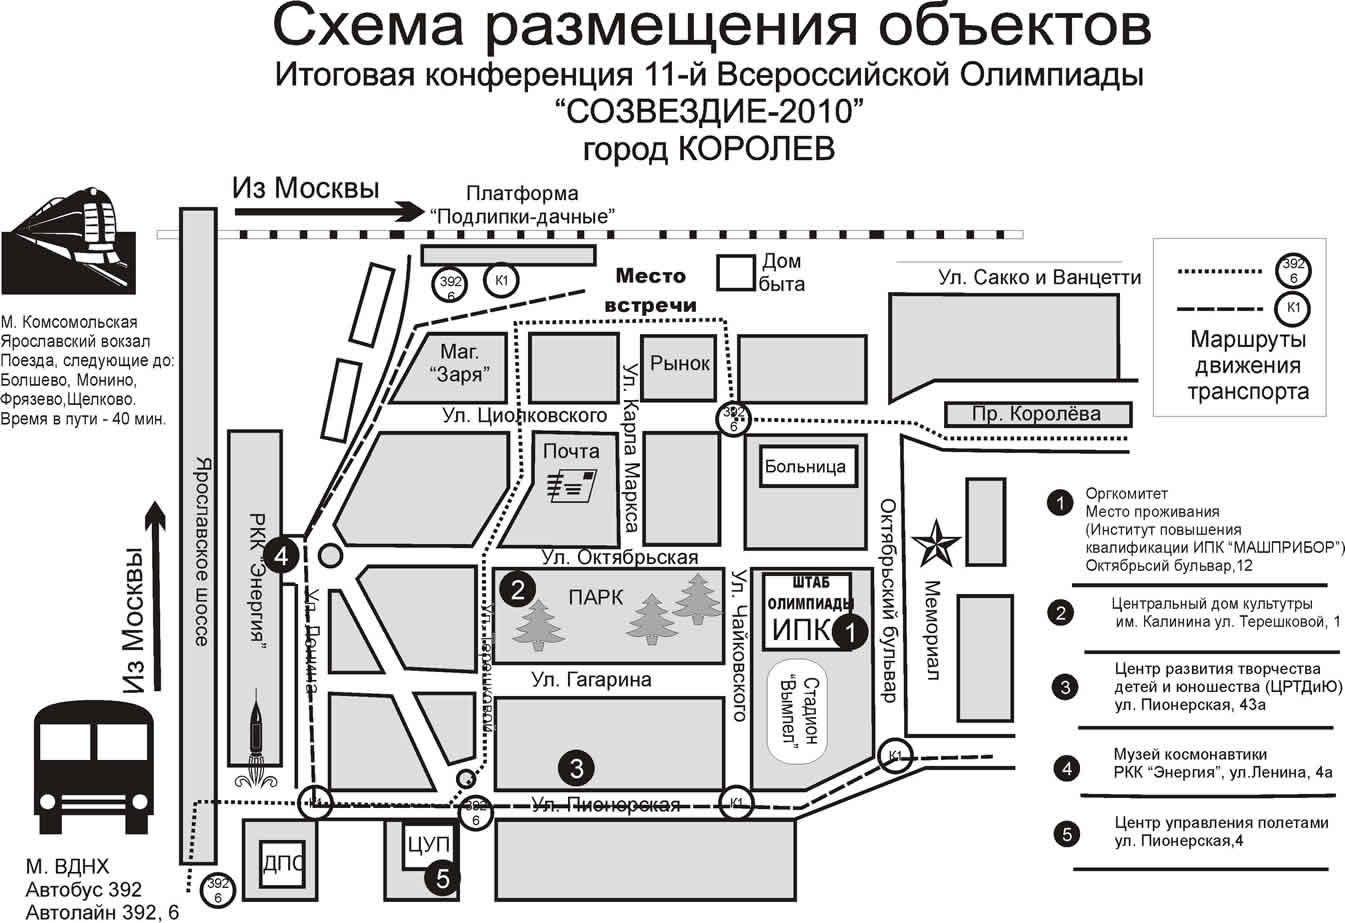 Пригородные поезда ярославский вокзал схема вокзала